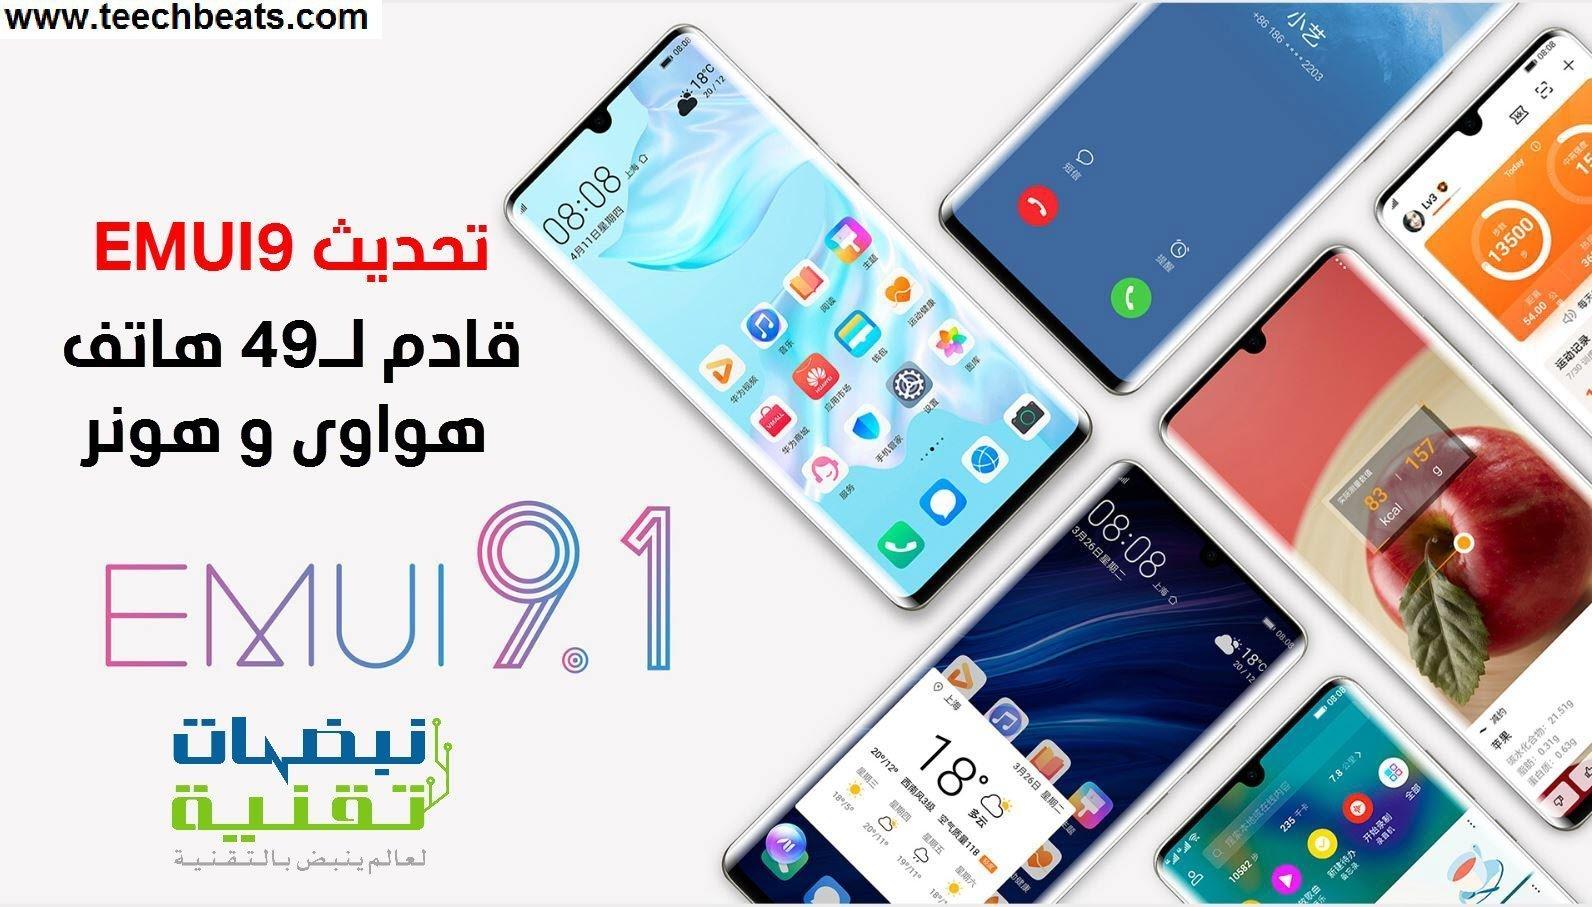 49 هاتف هواوي و هونر سوف يحصل على تحديث Emui 9 1 مع أندرويد 9 نبضات تقنية